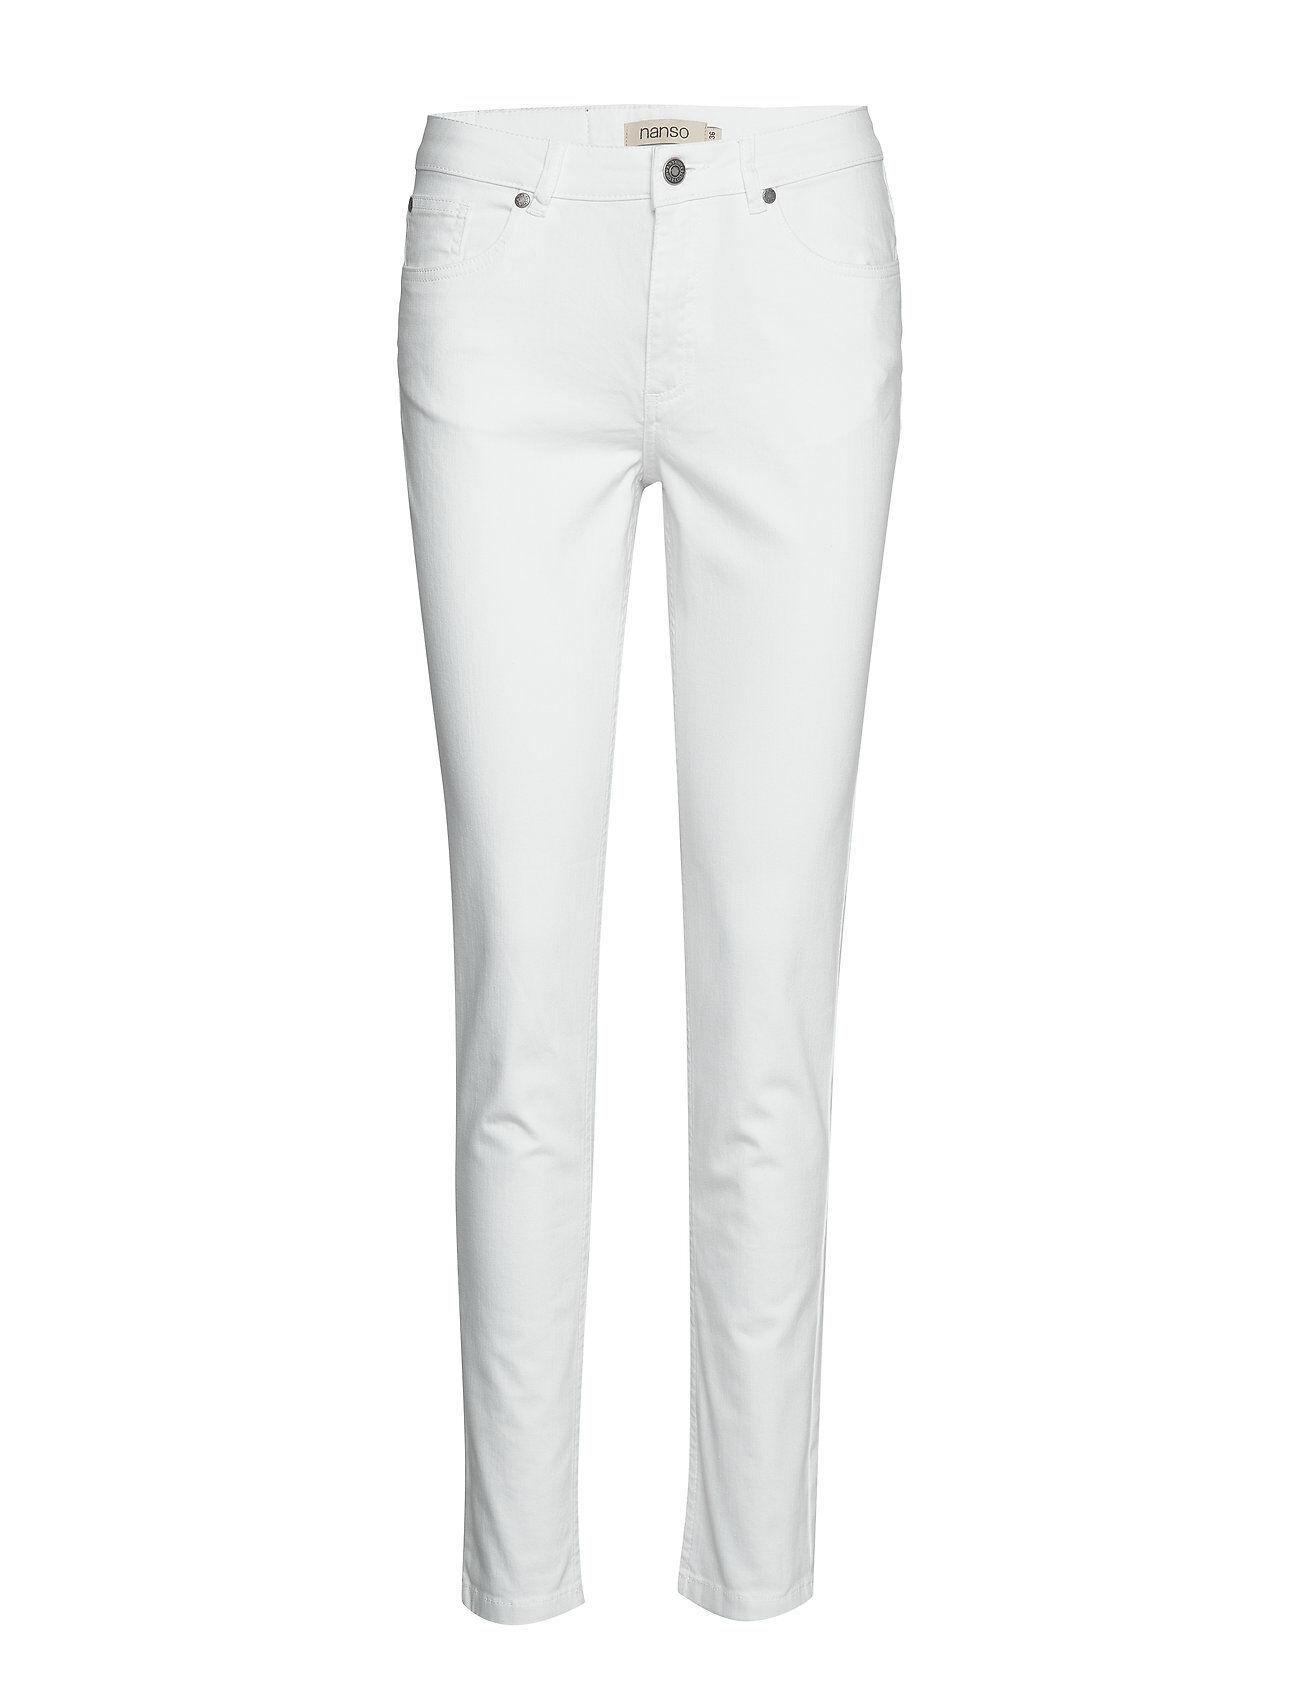 Nanso Ladies Jeans, Valo